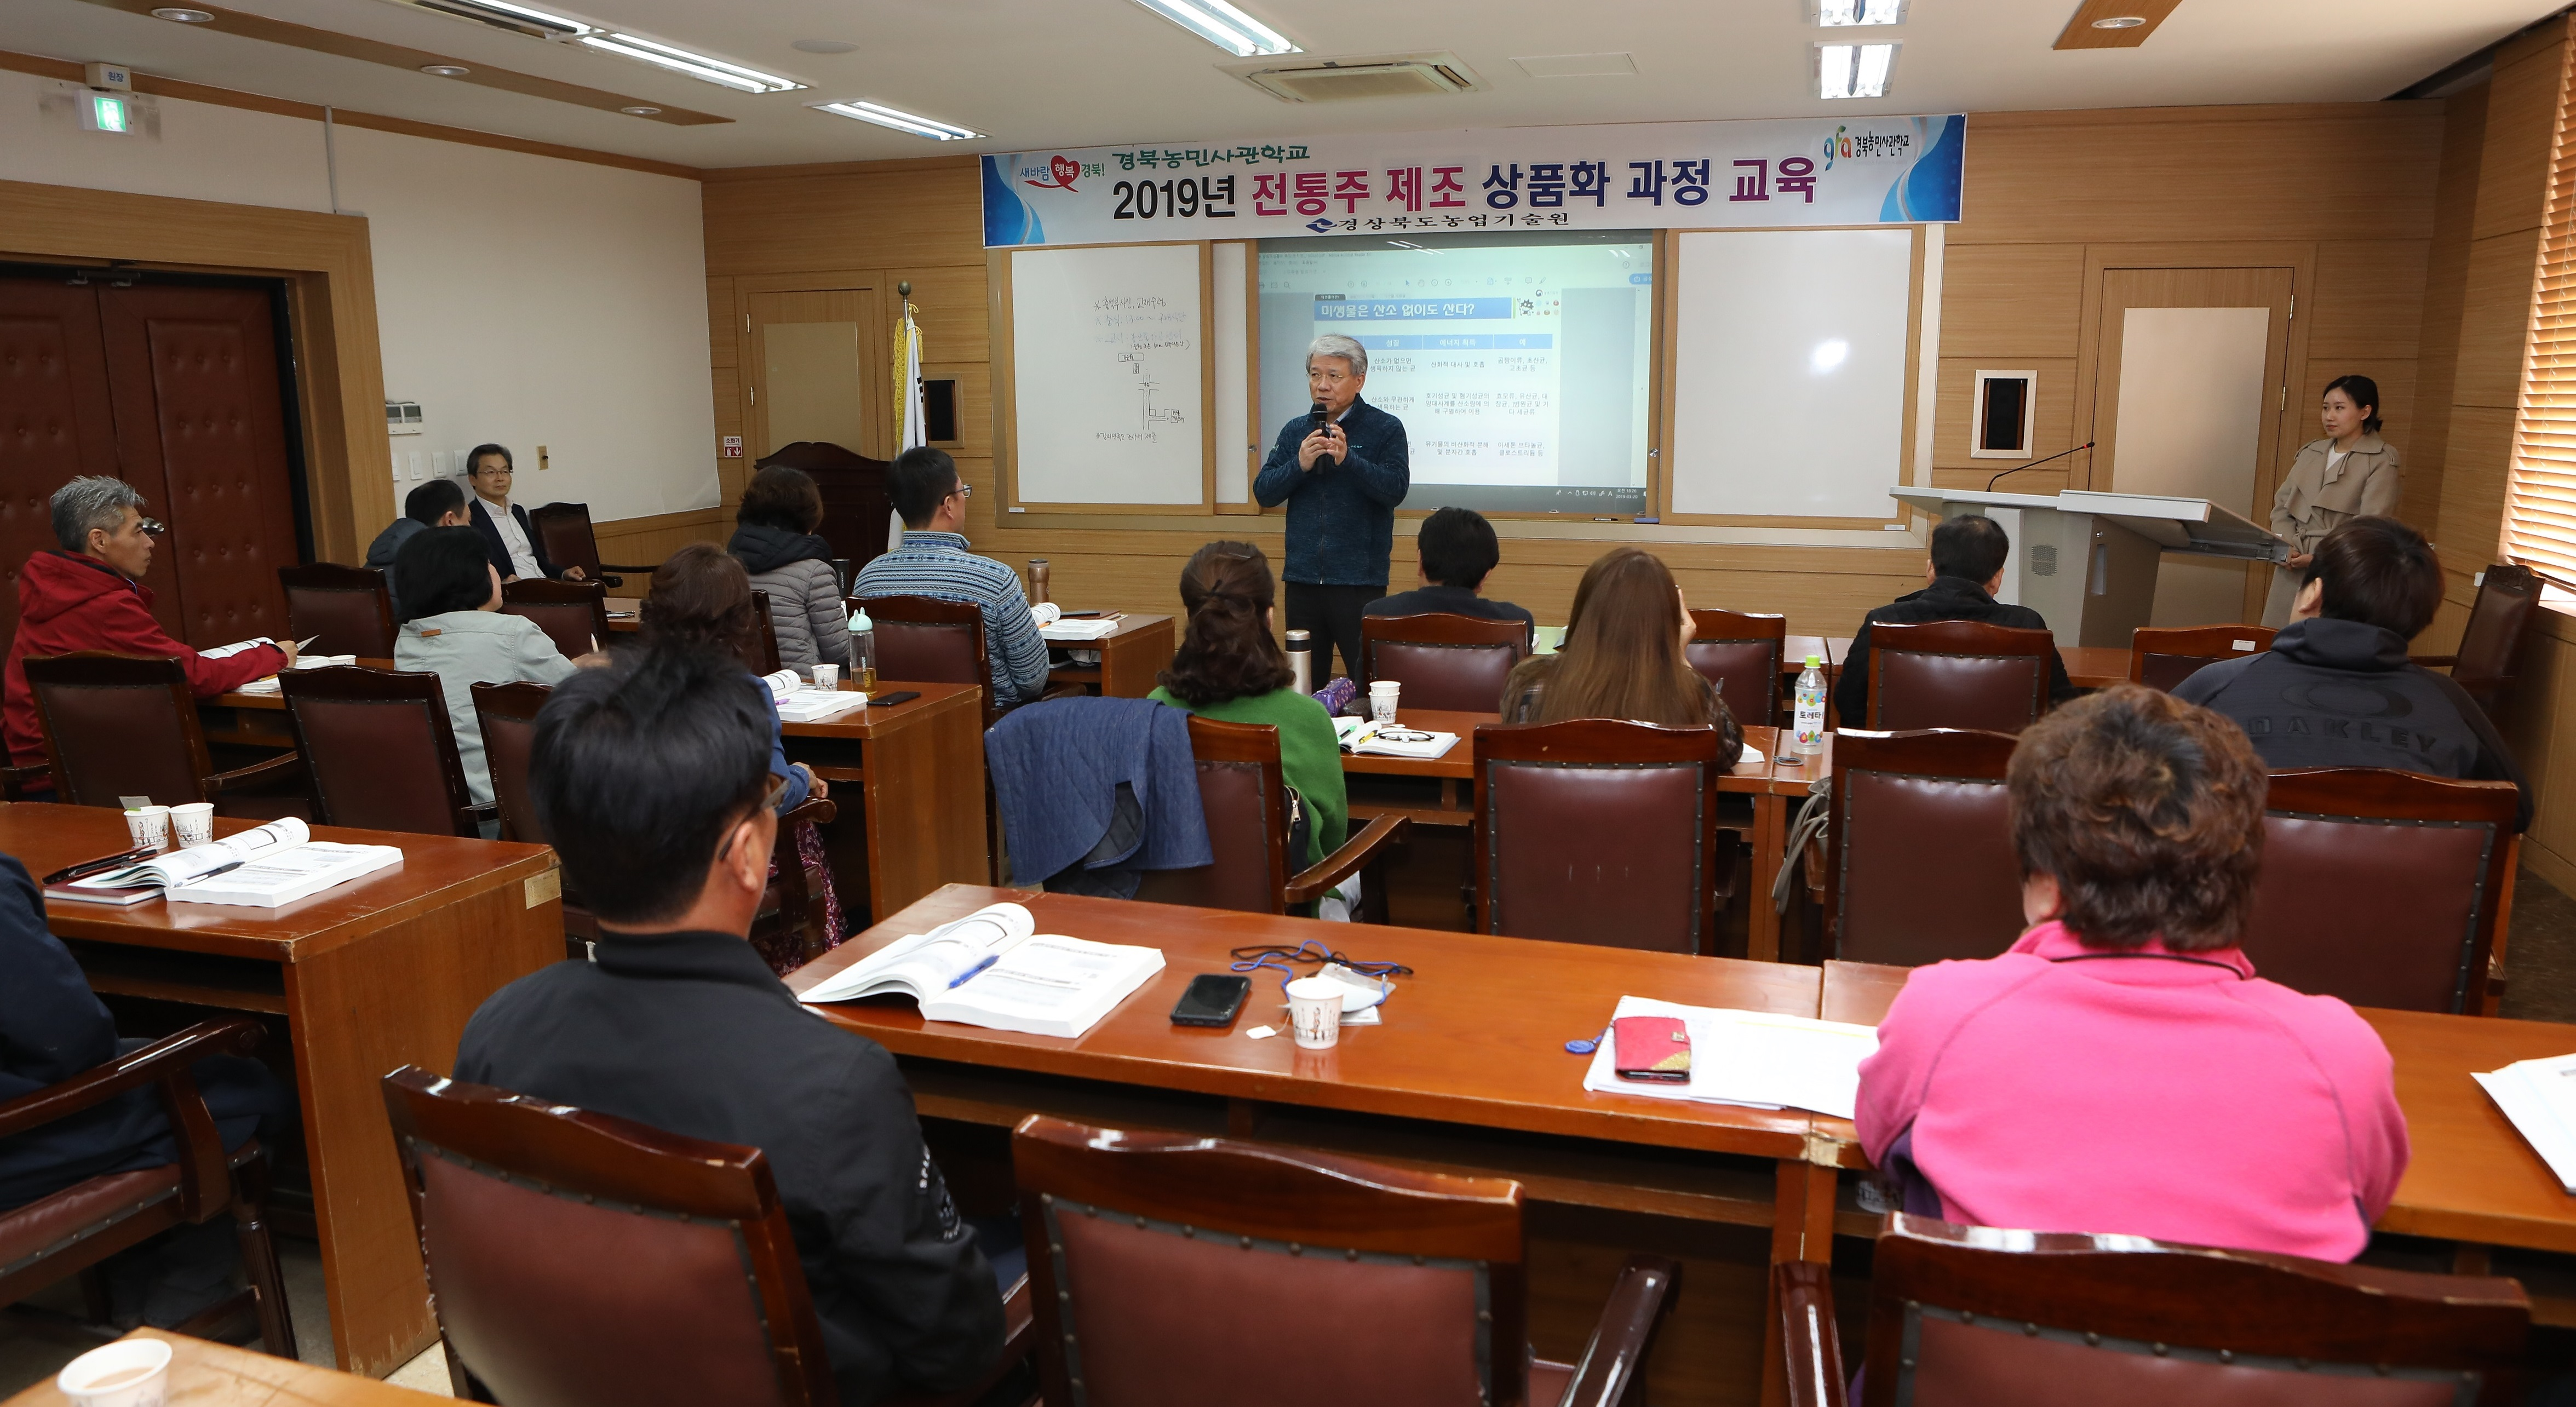 경상북도, 전통주를 세계적 명주로 이끌 전문가 양성